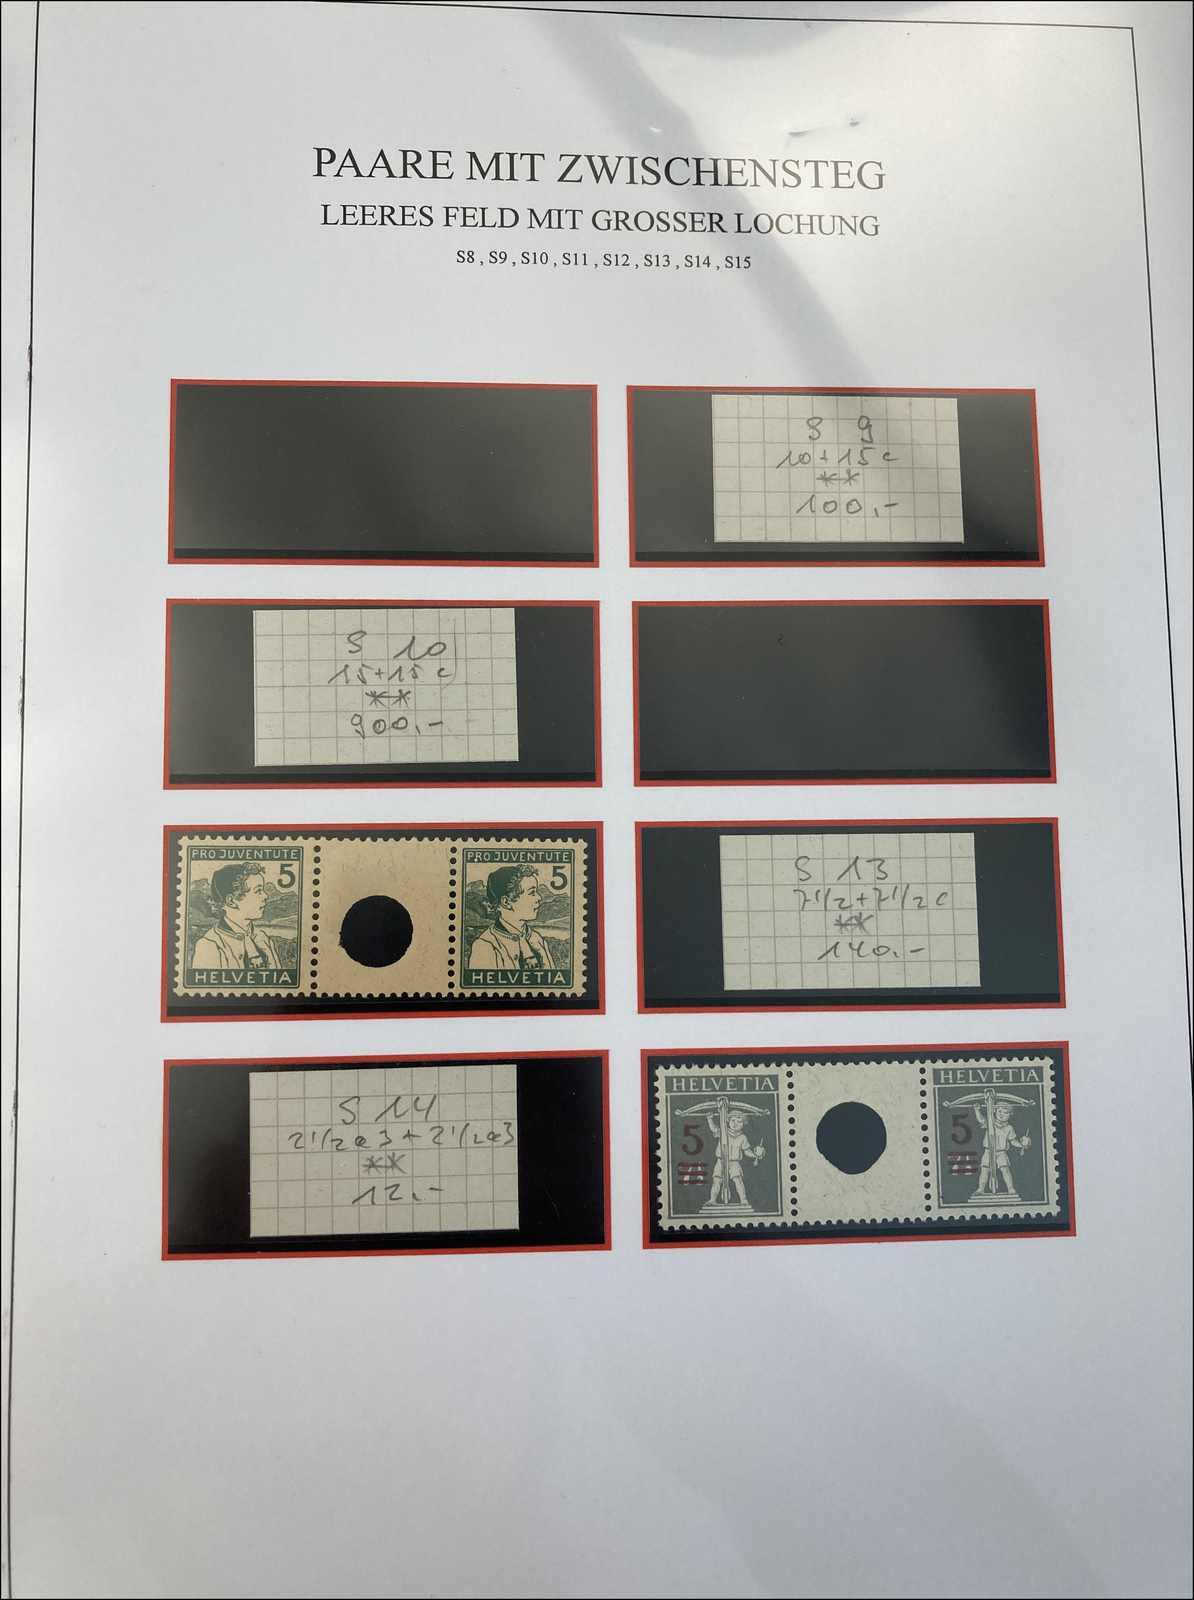 Lot 157 - schweiz Schweiz Freimarken nach 1907 -  Rolli Auctions Auction #68 Day 1